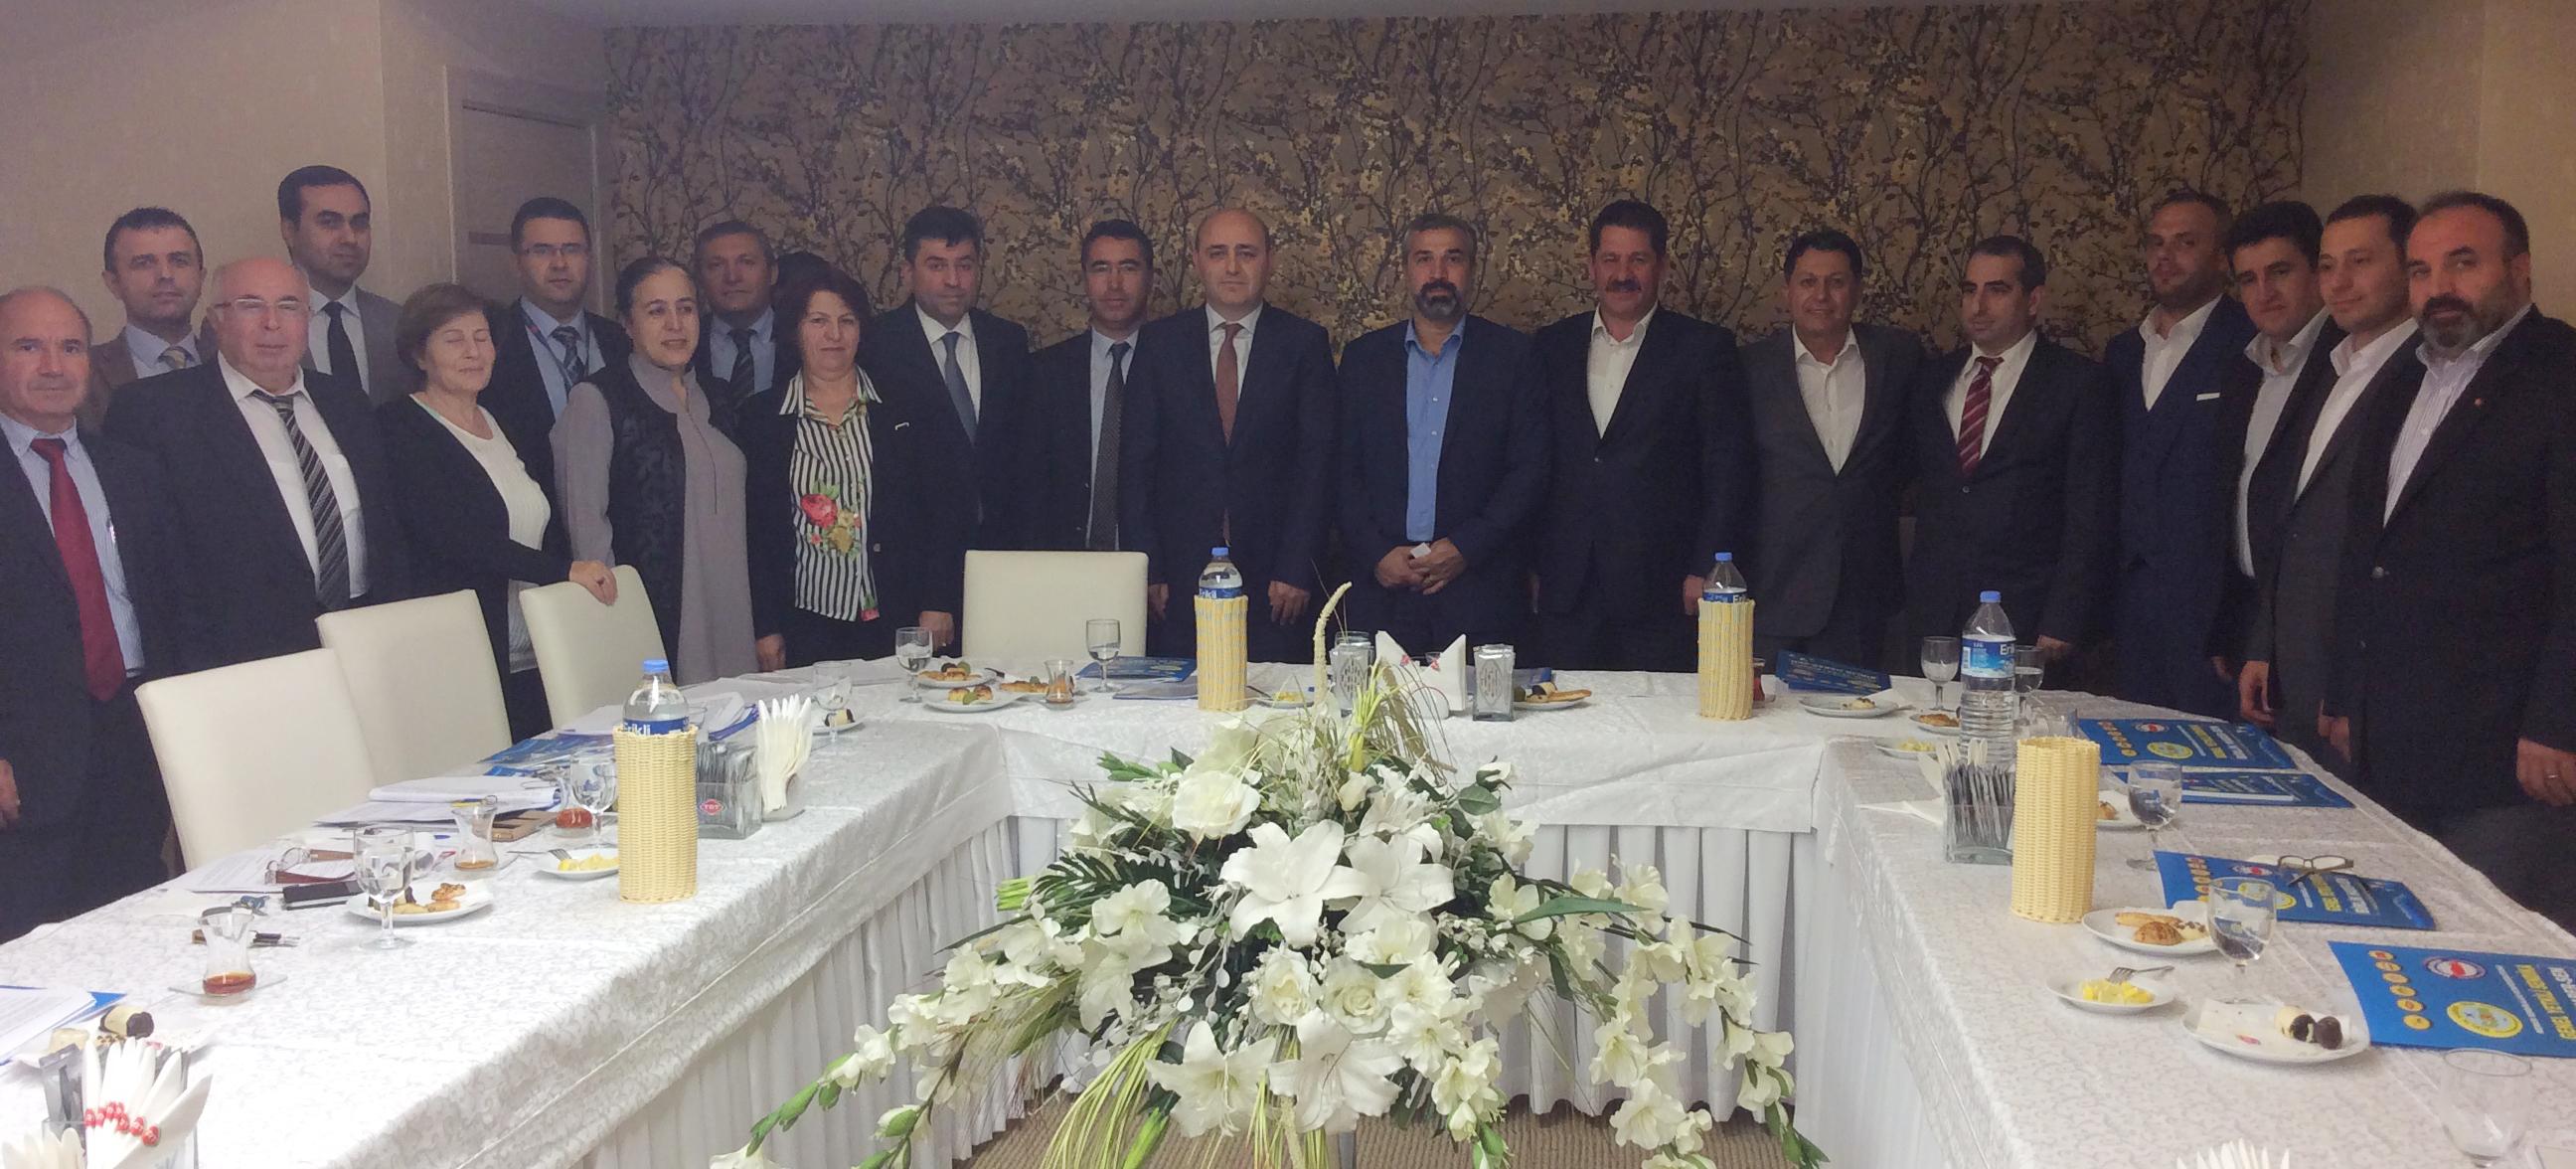 TRT Çalışanlarının Talepleri KİK Toplantısında TRT Yönetimine İletildi